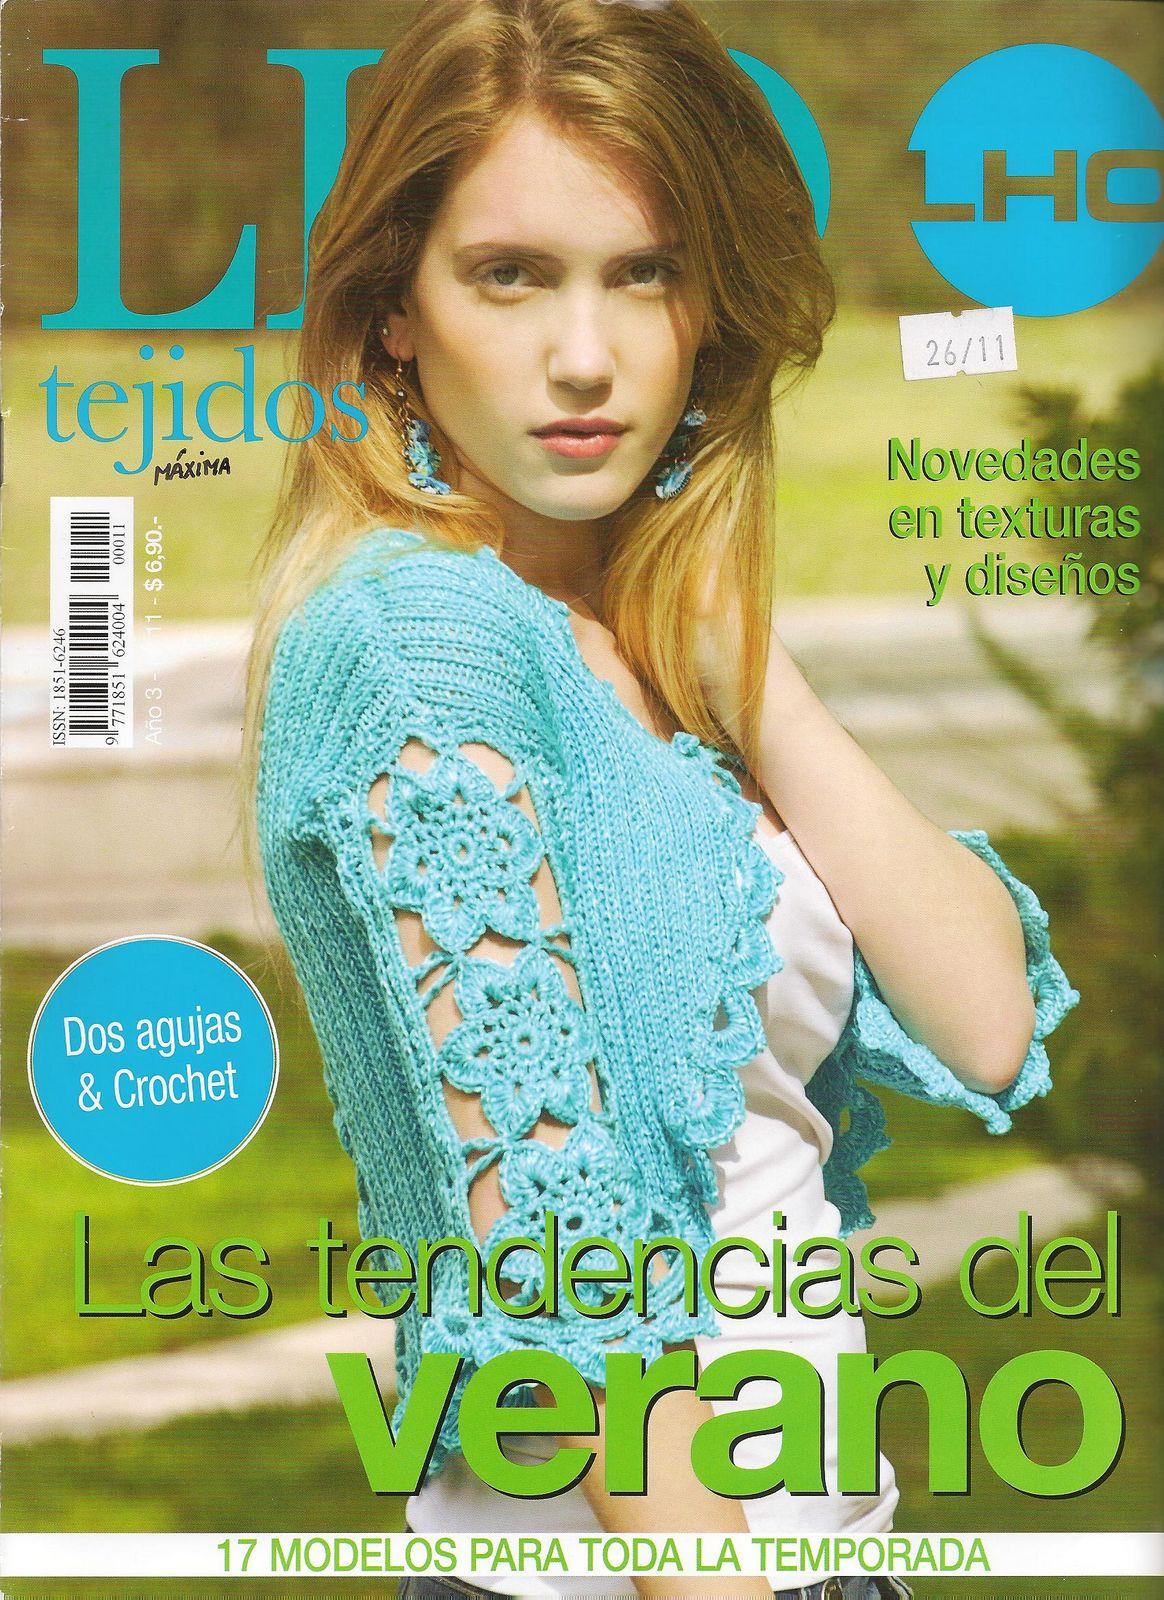 Revista: LHO Tejidos 11